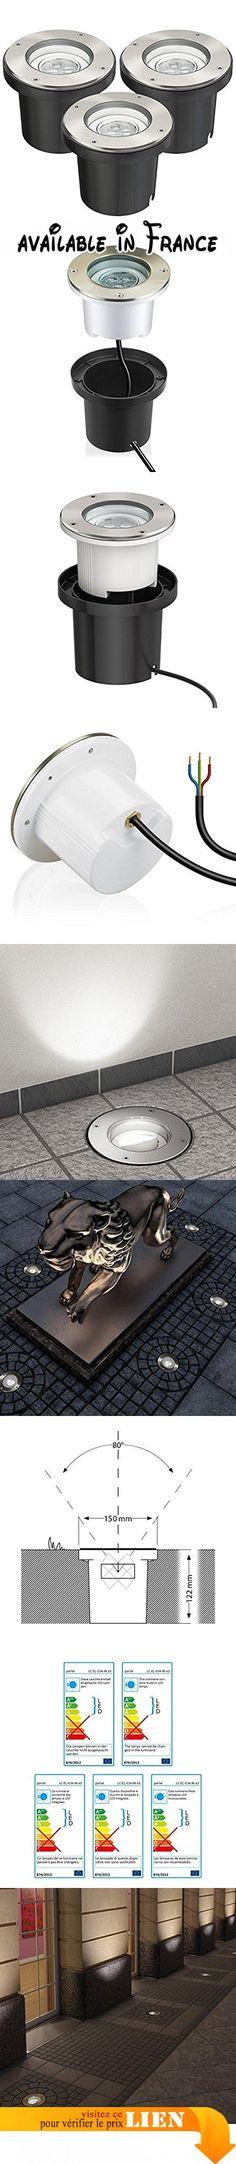 Philips SA CDM-R 942 150 W Bulbo extérieur de quartz Lampe à - lampe exterieure allumage automatique